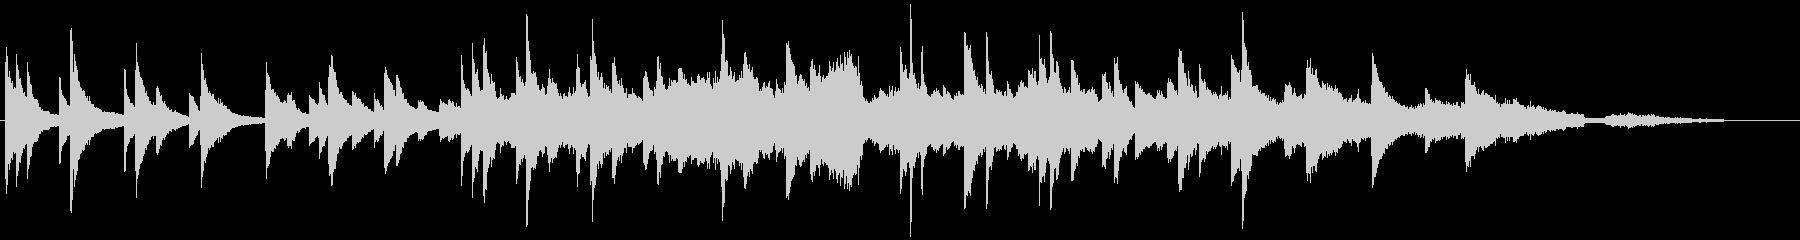 波音とピアノソロとストリングスの未再生の波形